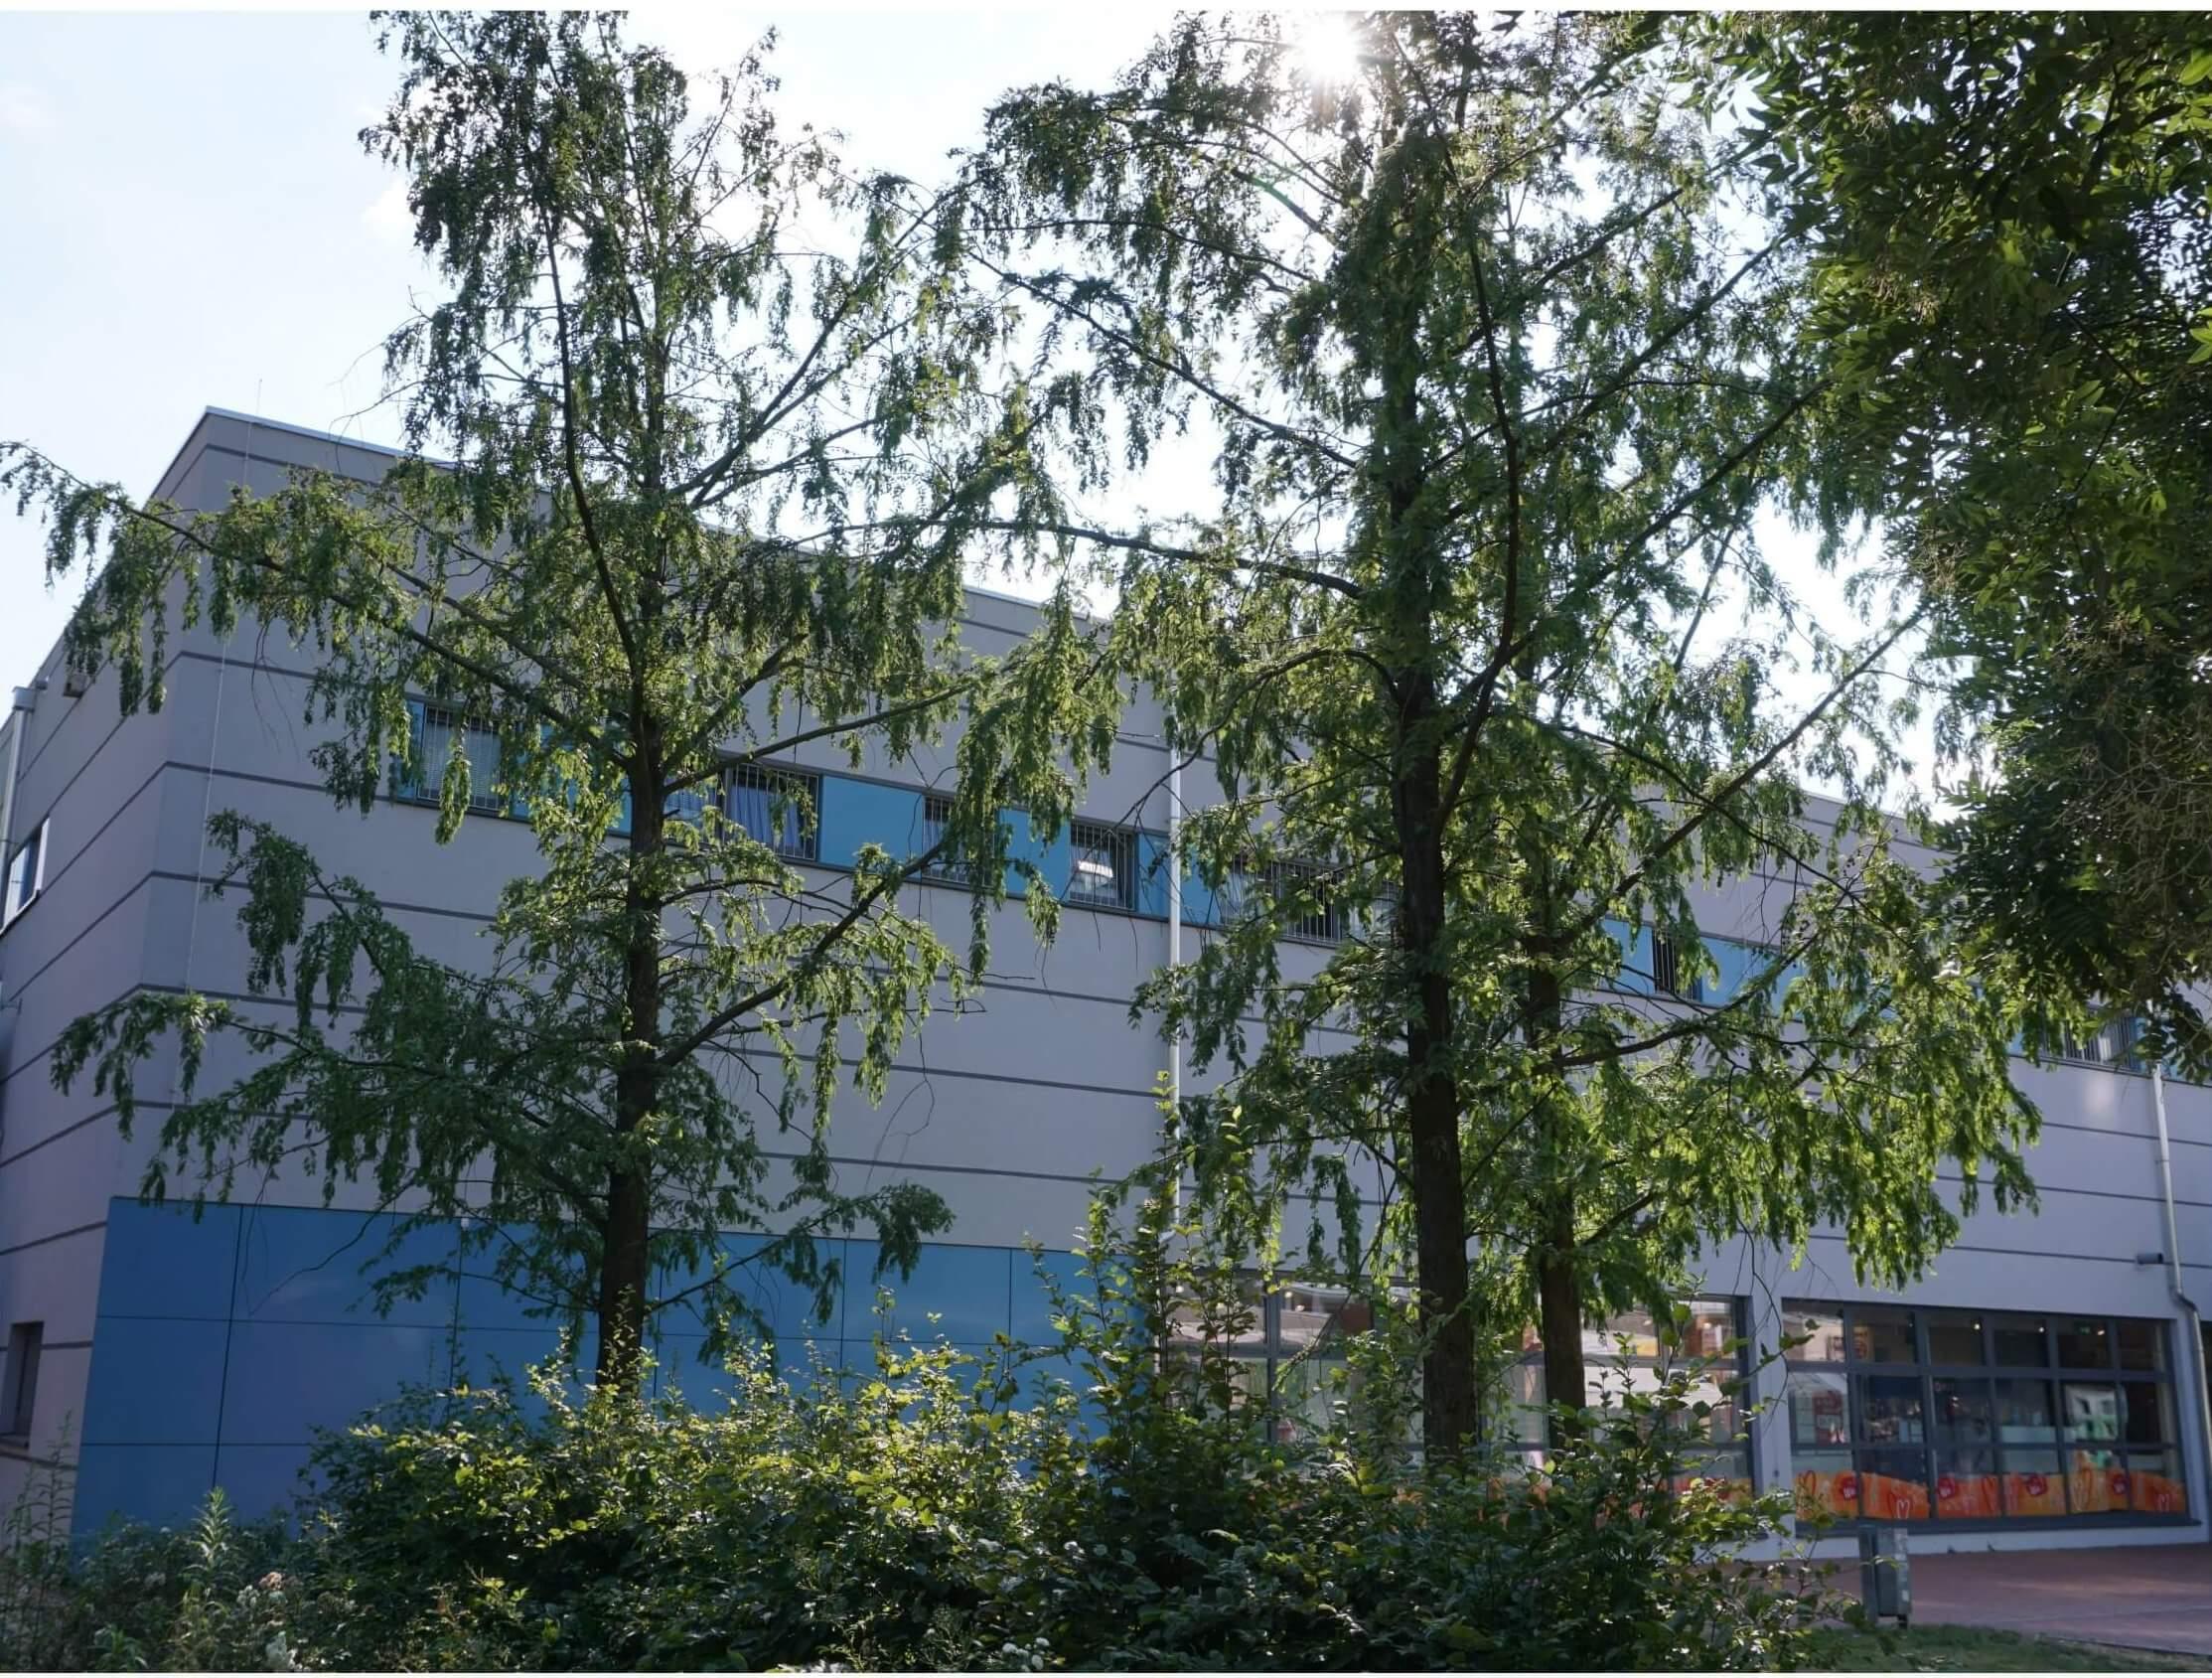 Das Bild zeigt eine Gruppe aus drei Urweltmammutbäumen in der zentralen Ladenzeile des Kosmosviertels als Teil der Erstbepflanzung des Grünzuges.